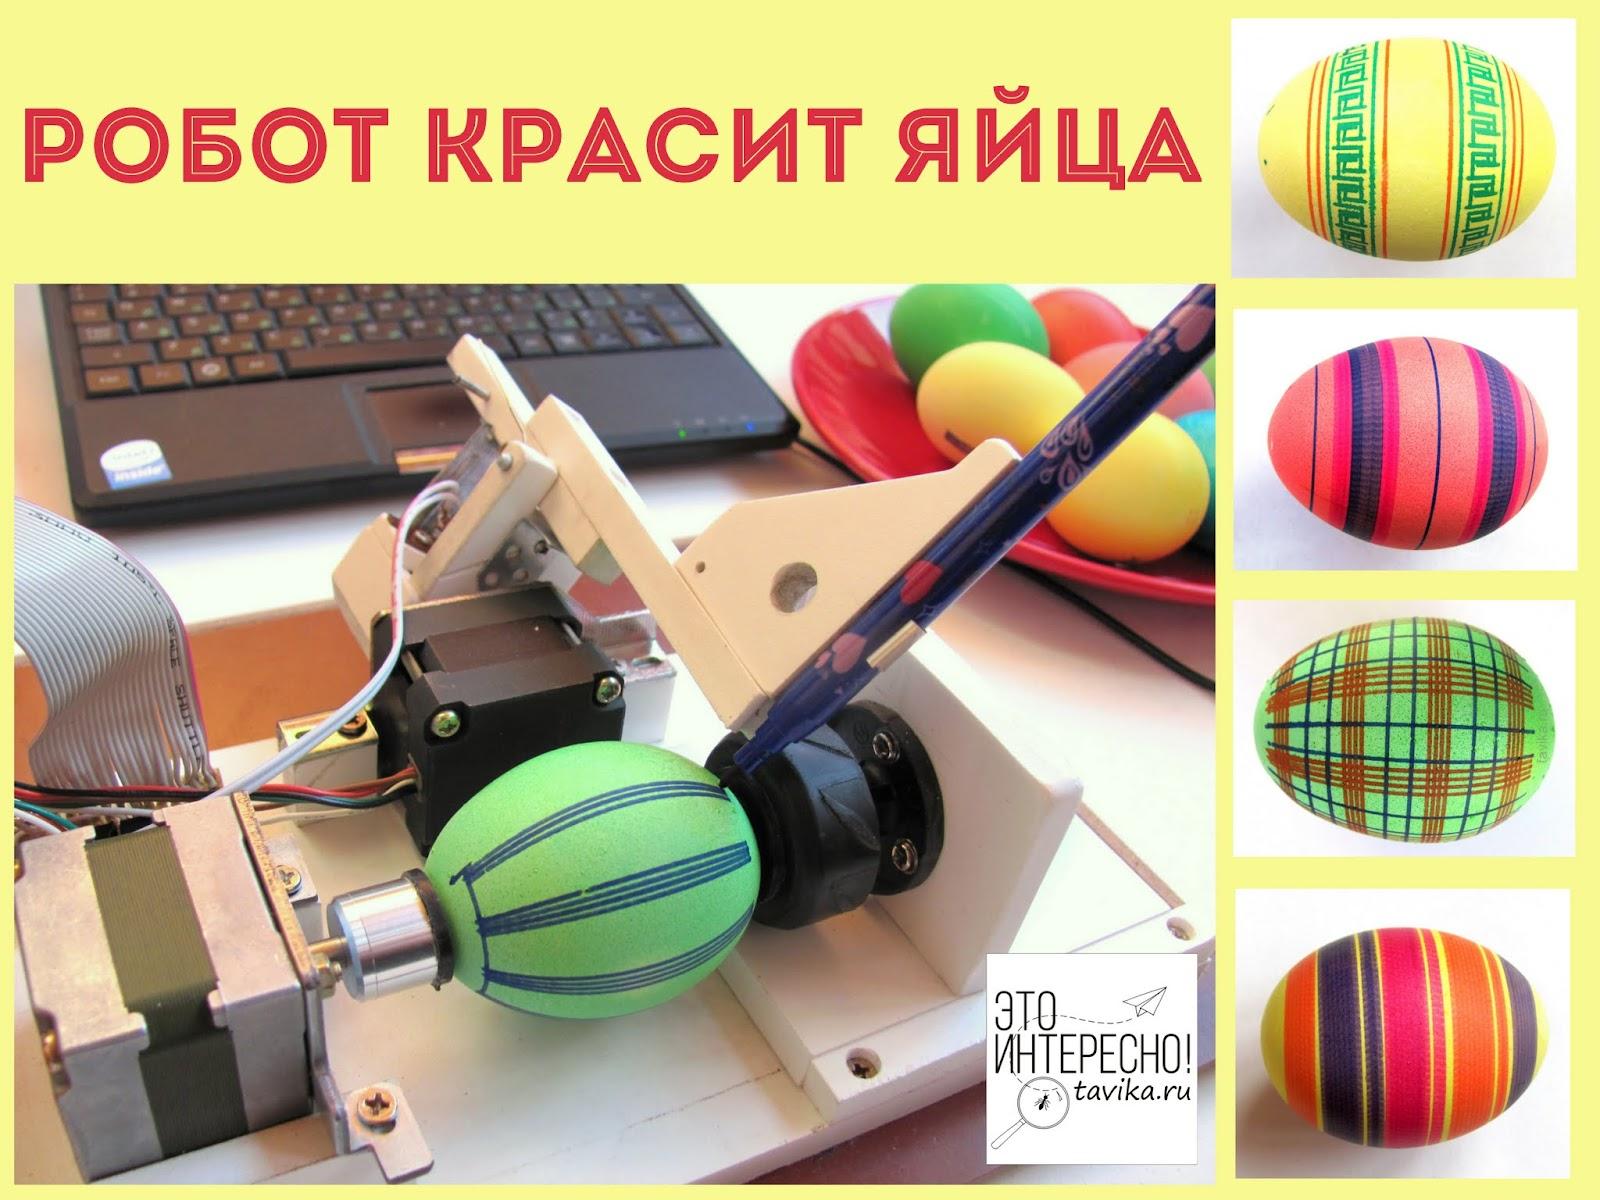 Робот для рисования на пасхальных яйцах